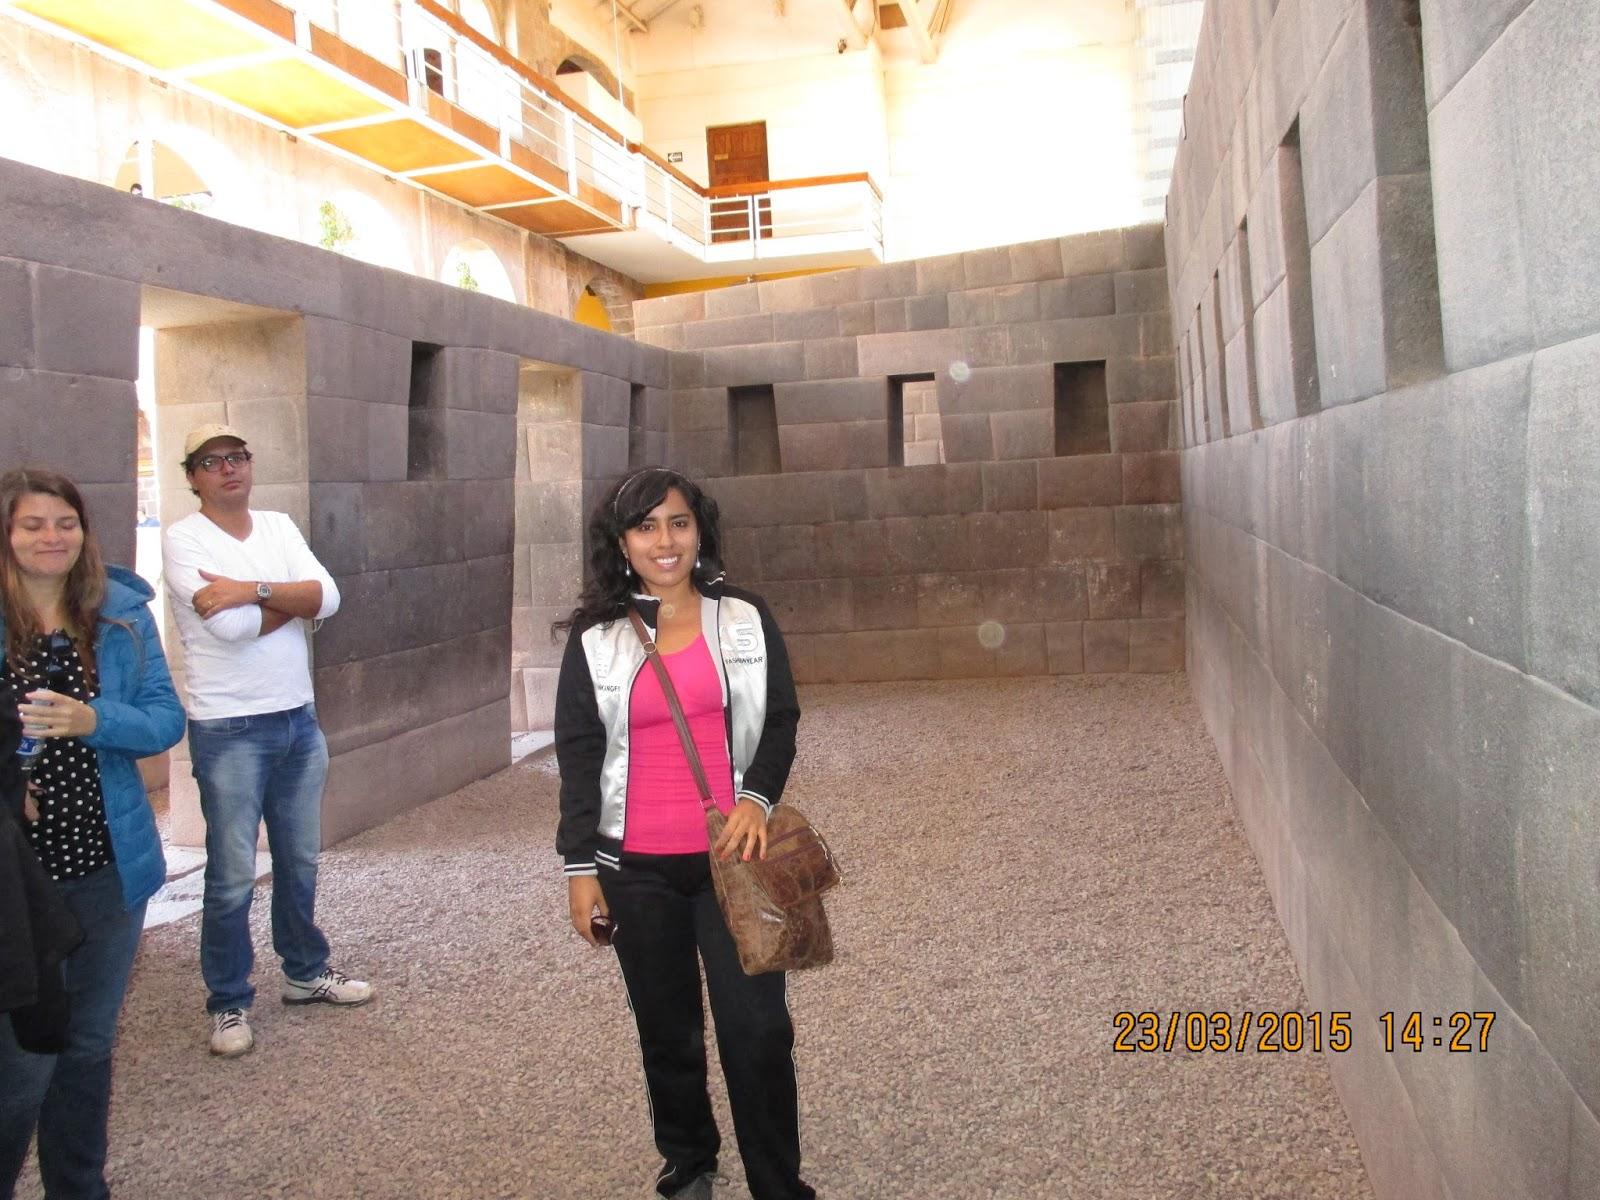 online store 86735 9f8cf Aquí en la imagen apreciamos a la turista Milagros del Carmen Sánchez  Vargas, delante de una vista interior del templo de Illapa (o la deidad  Rayo).